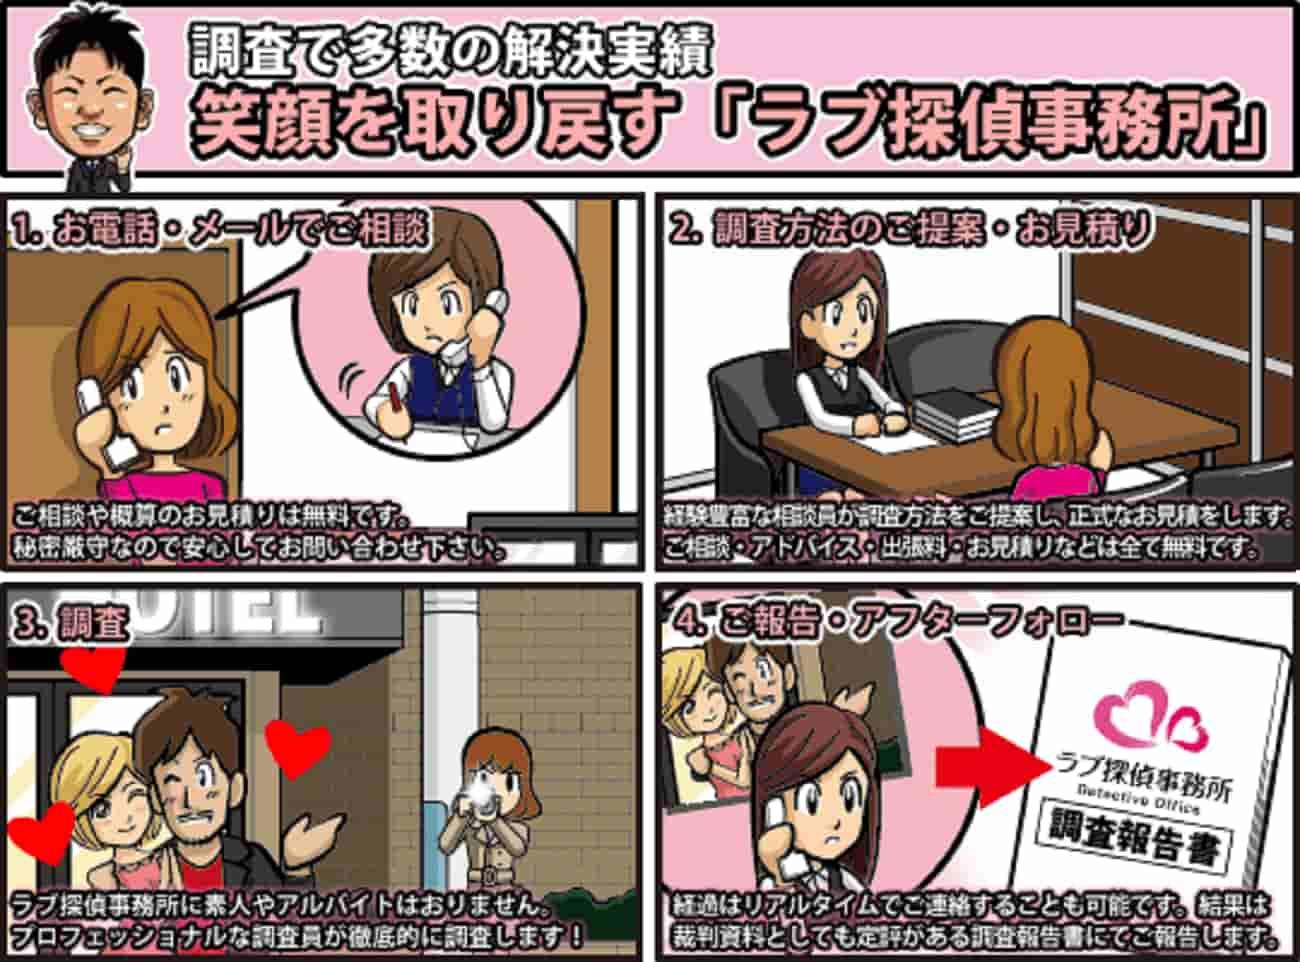 千葉県で探偵をお探しなら親切で丁寧なラブ探偵事務所